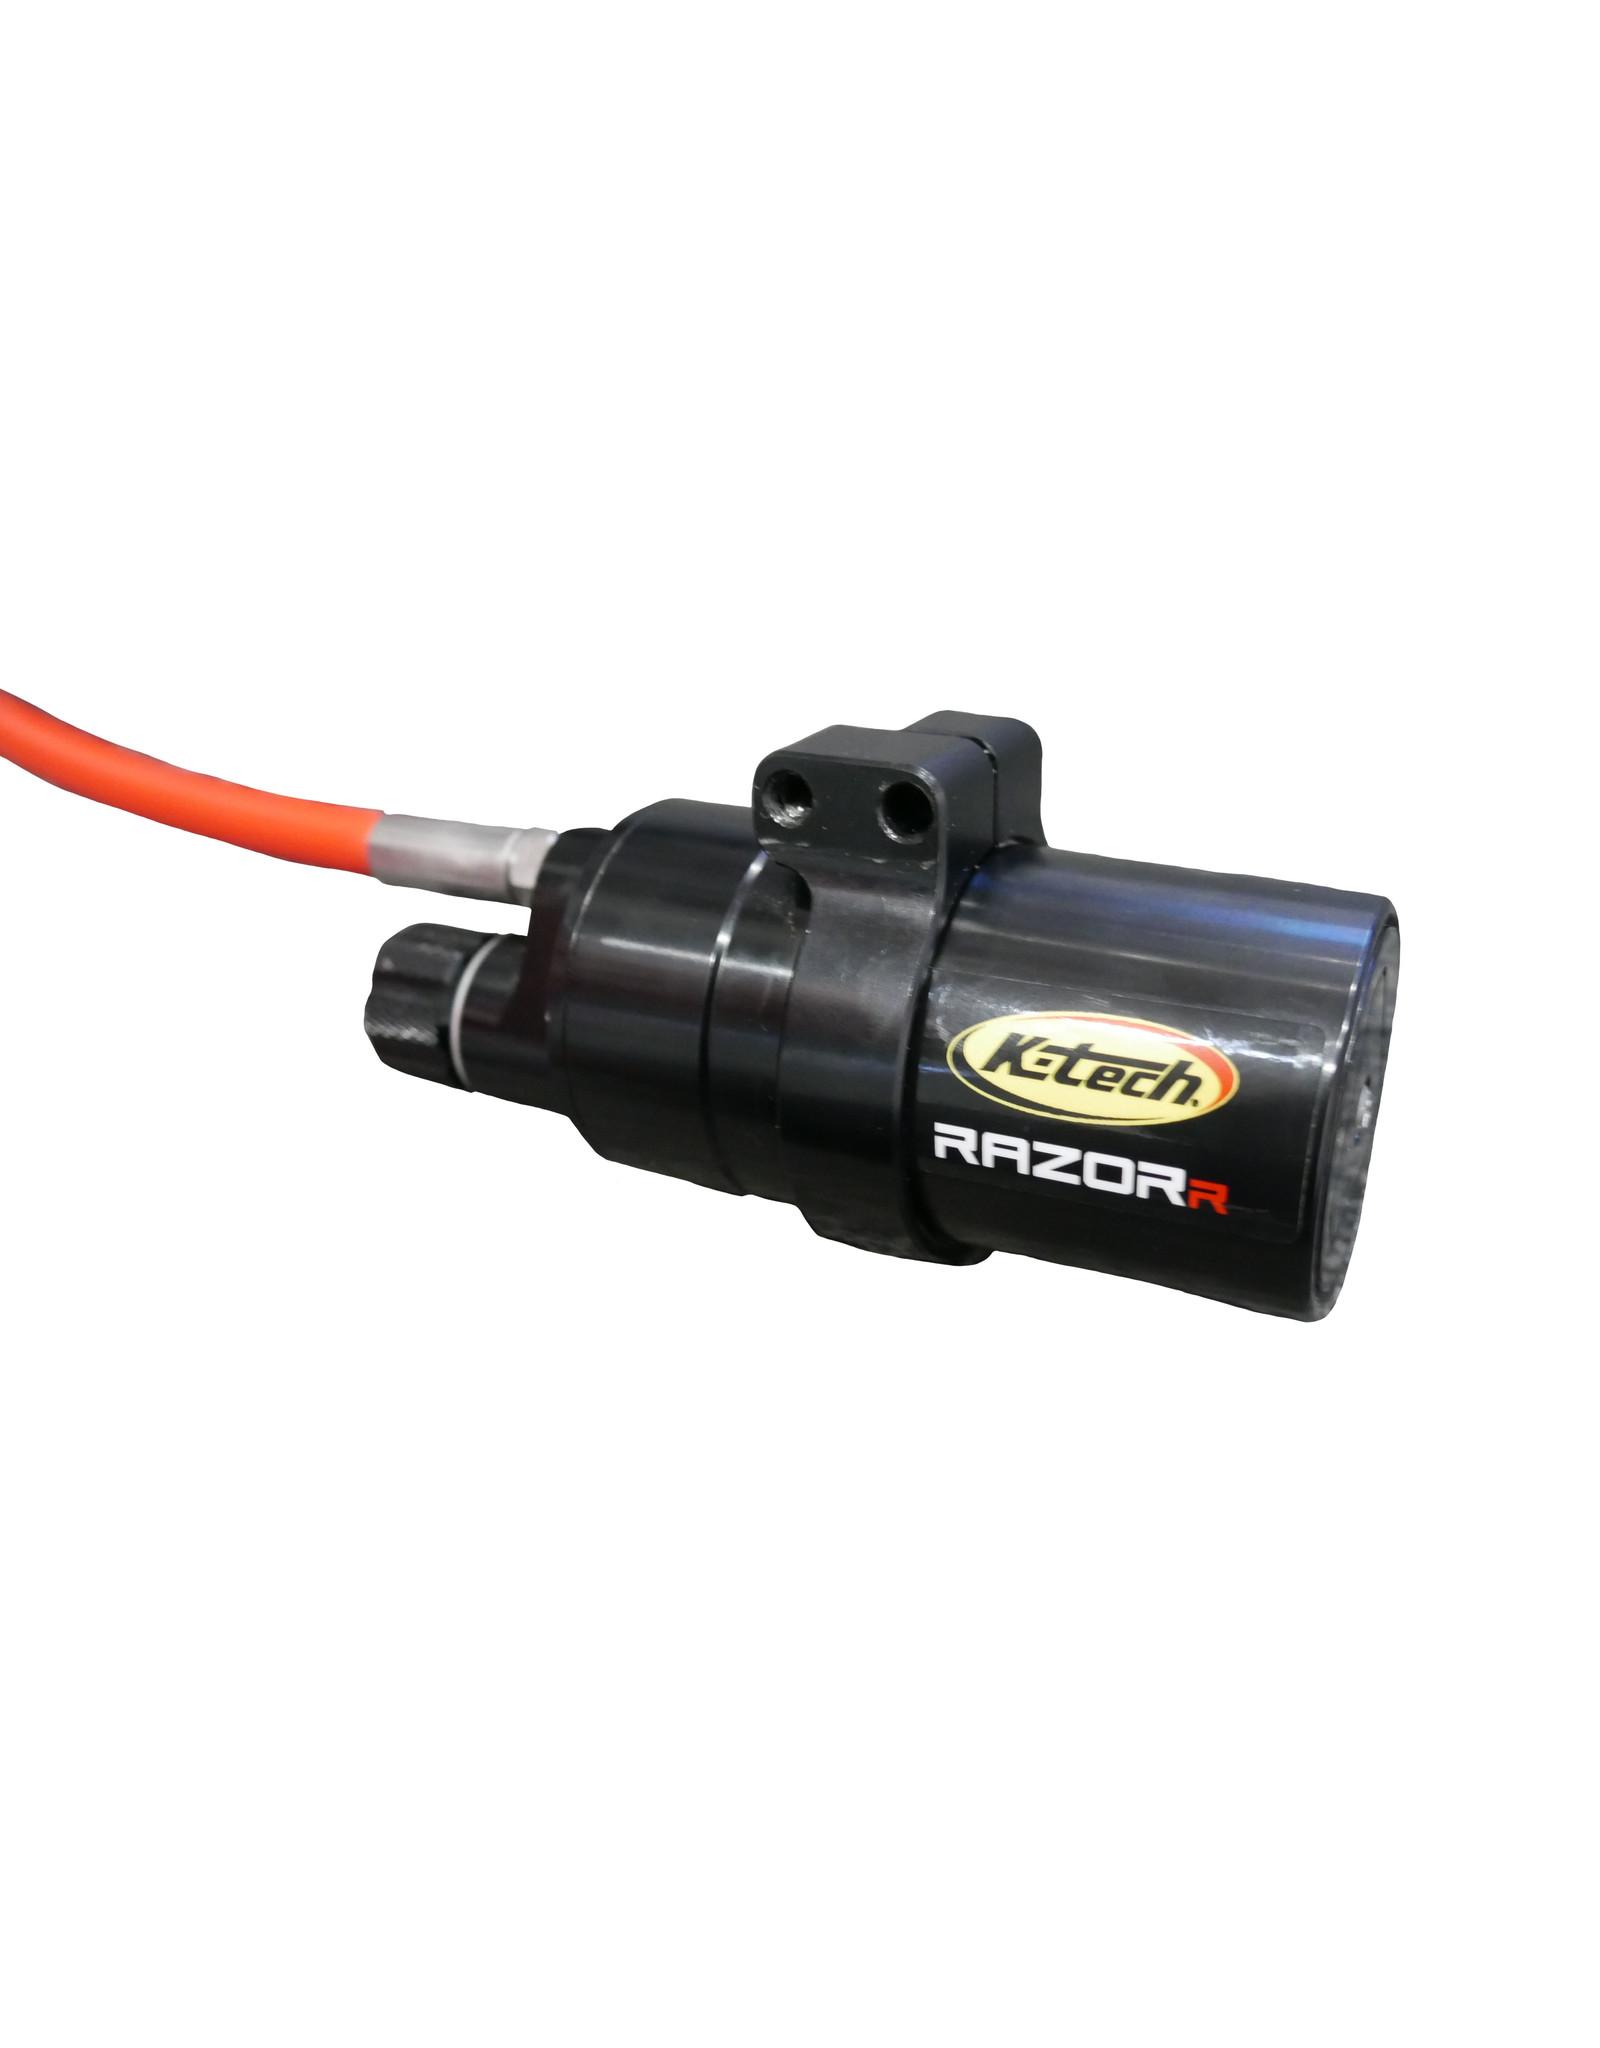 K-Tech K-Tech Razor-R  Rear Shock Absorber